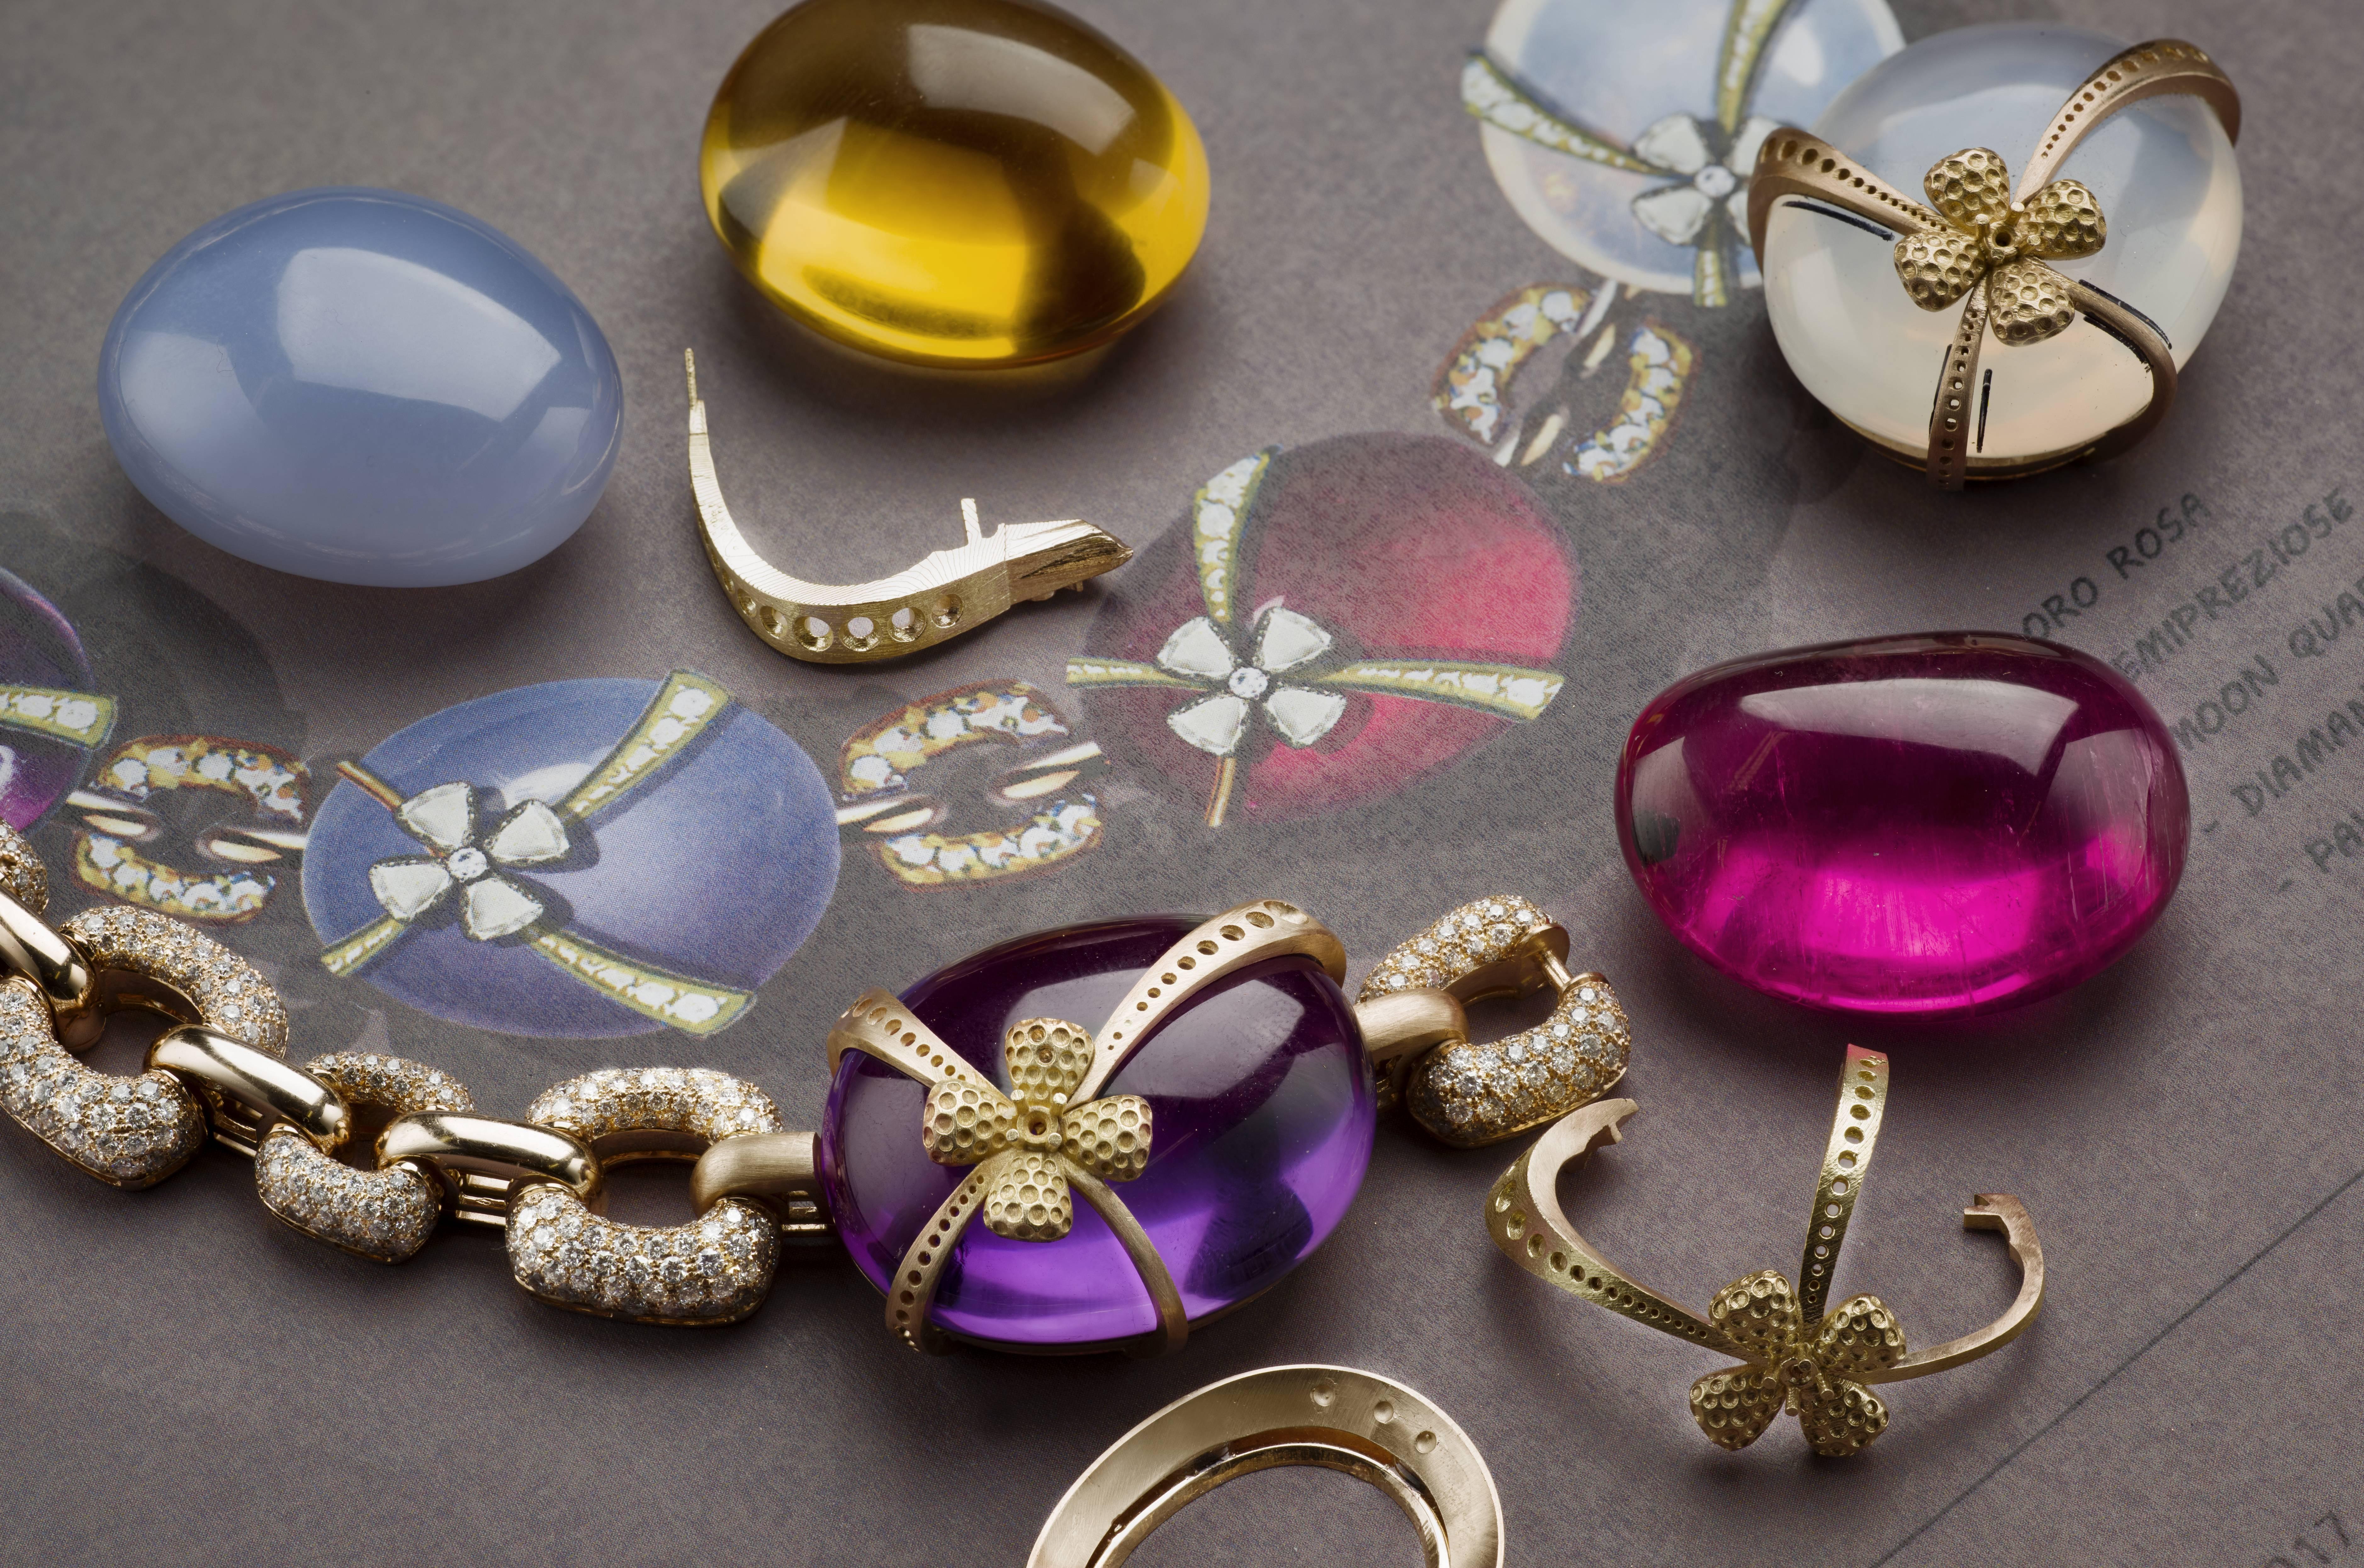 品牌本來就擁有這五顆色彩飽滿、形狀渾圓的蛋形石,當知道有Andy Warhol作主題的珠寶系列時,就立即想到要以這些寶石演繹Andy Warhol的《Eggs》作品。